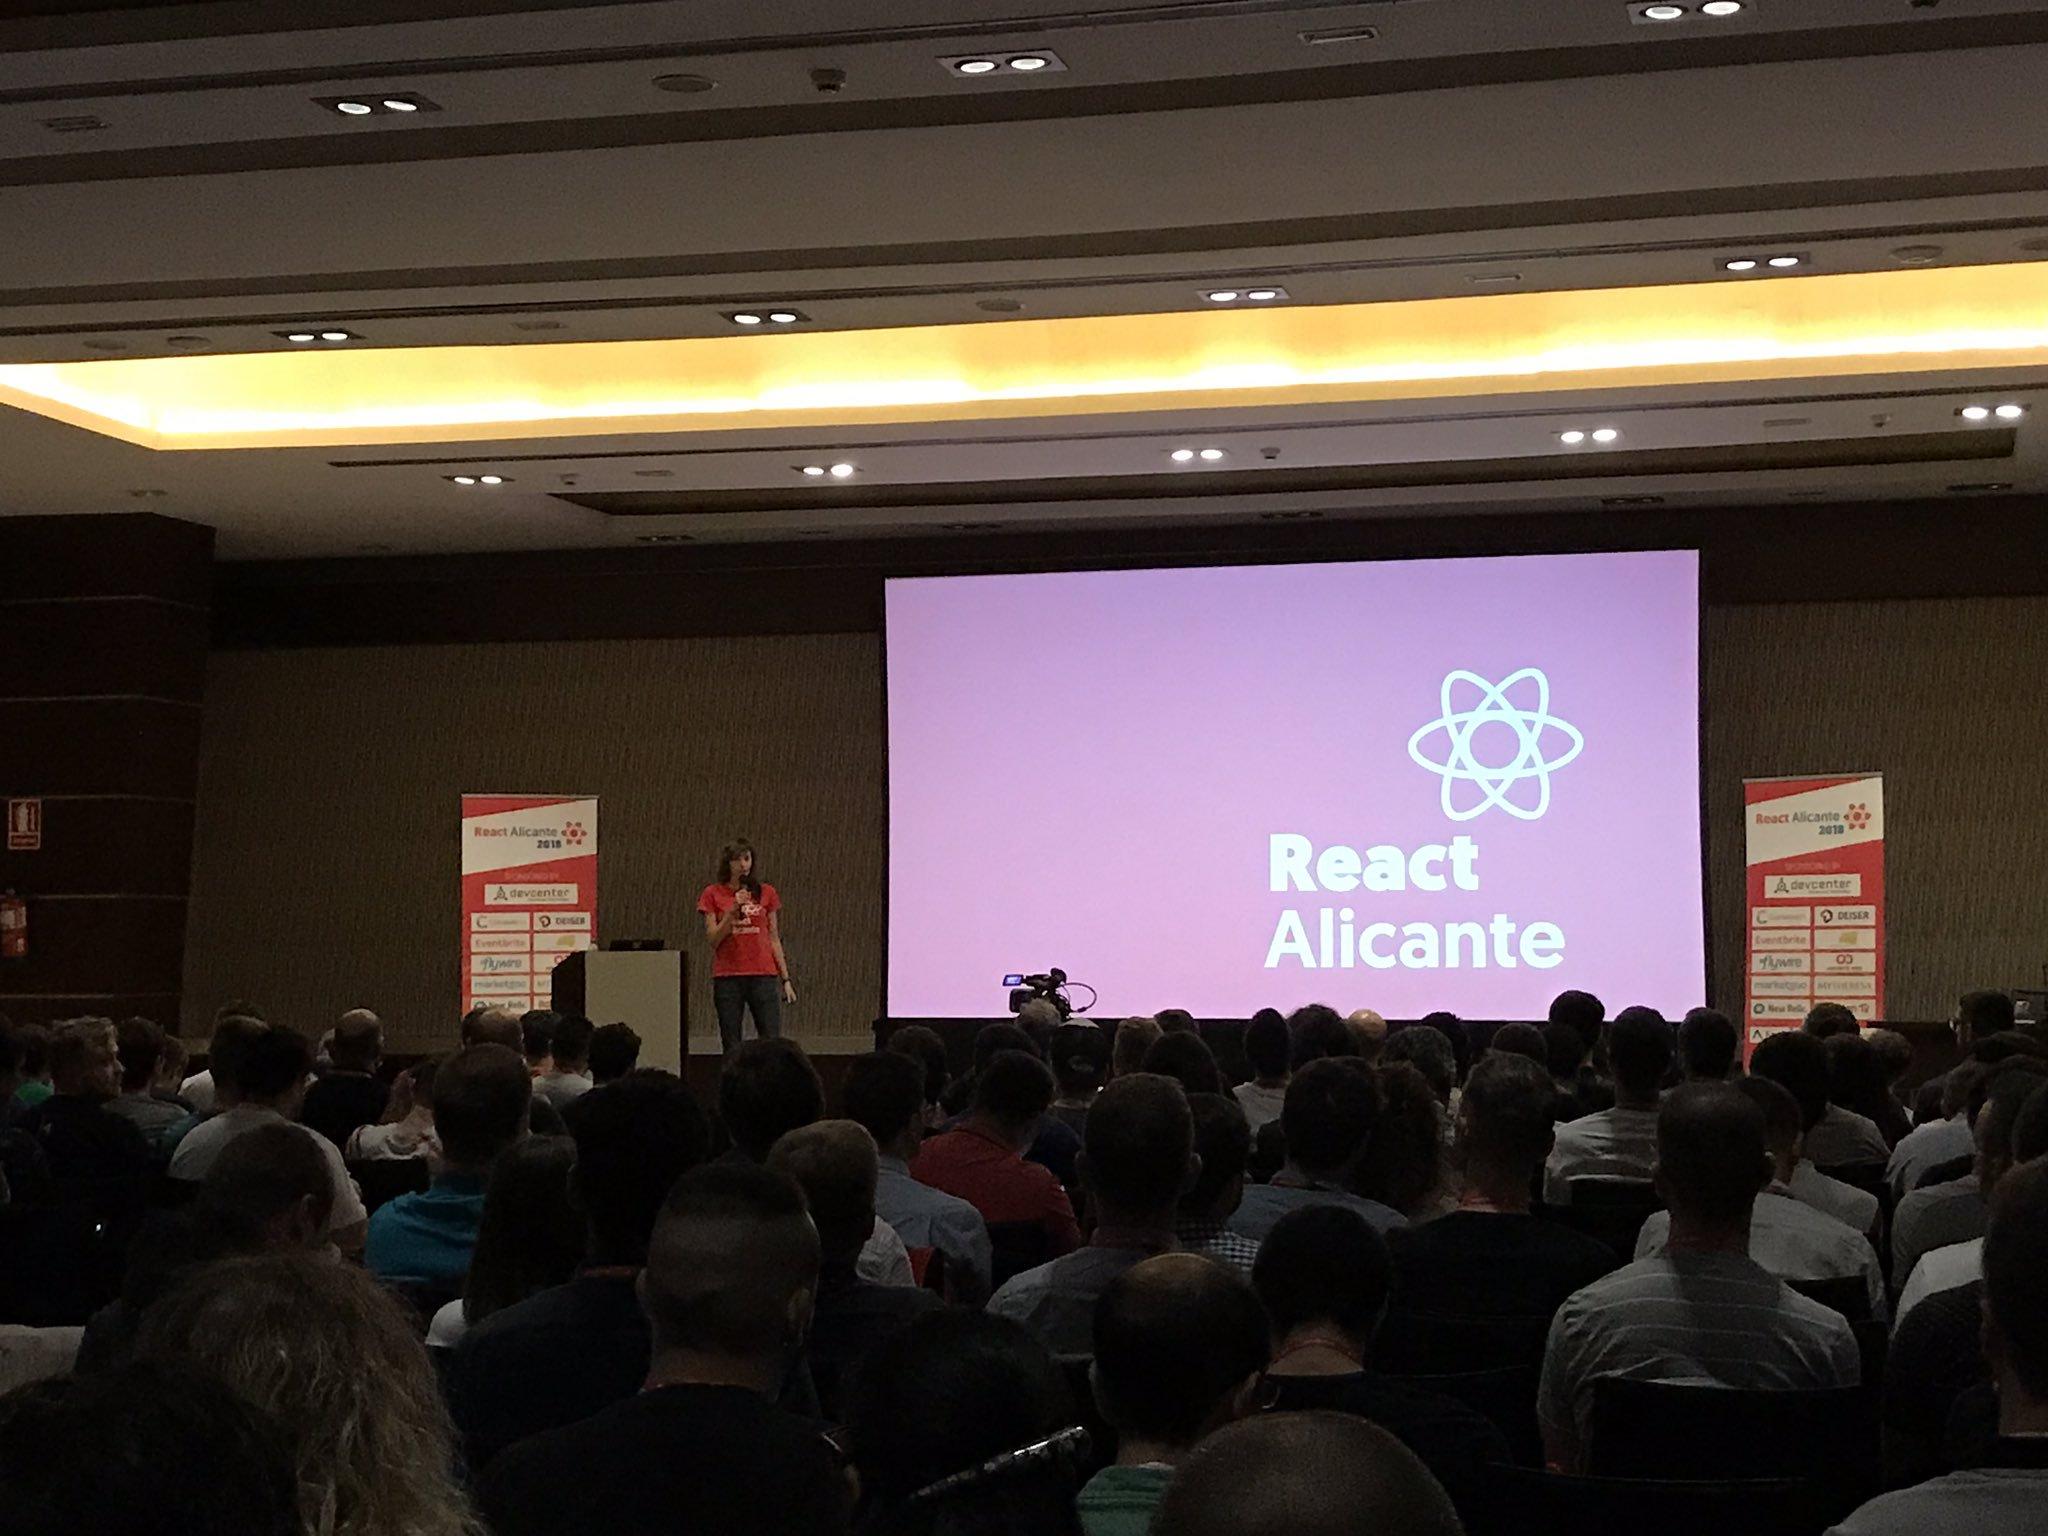 React Alicante